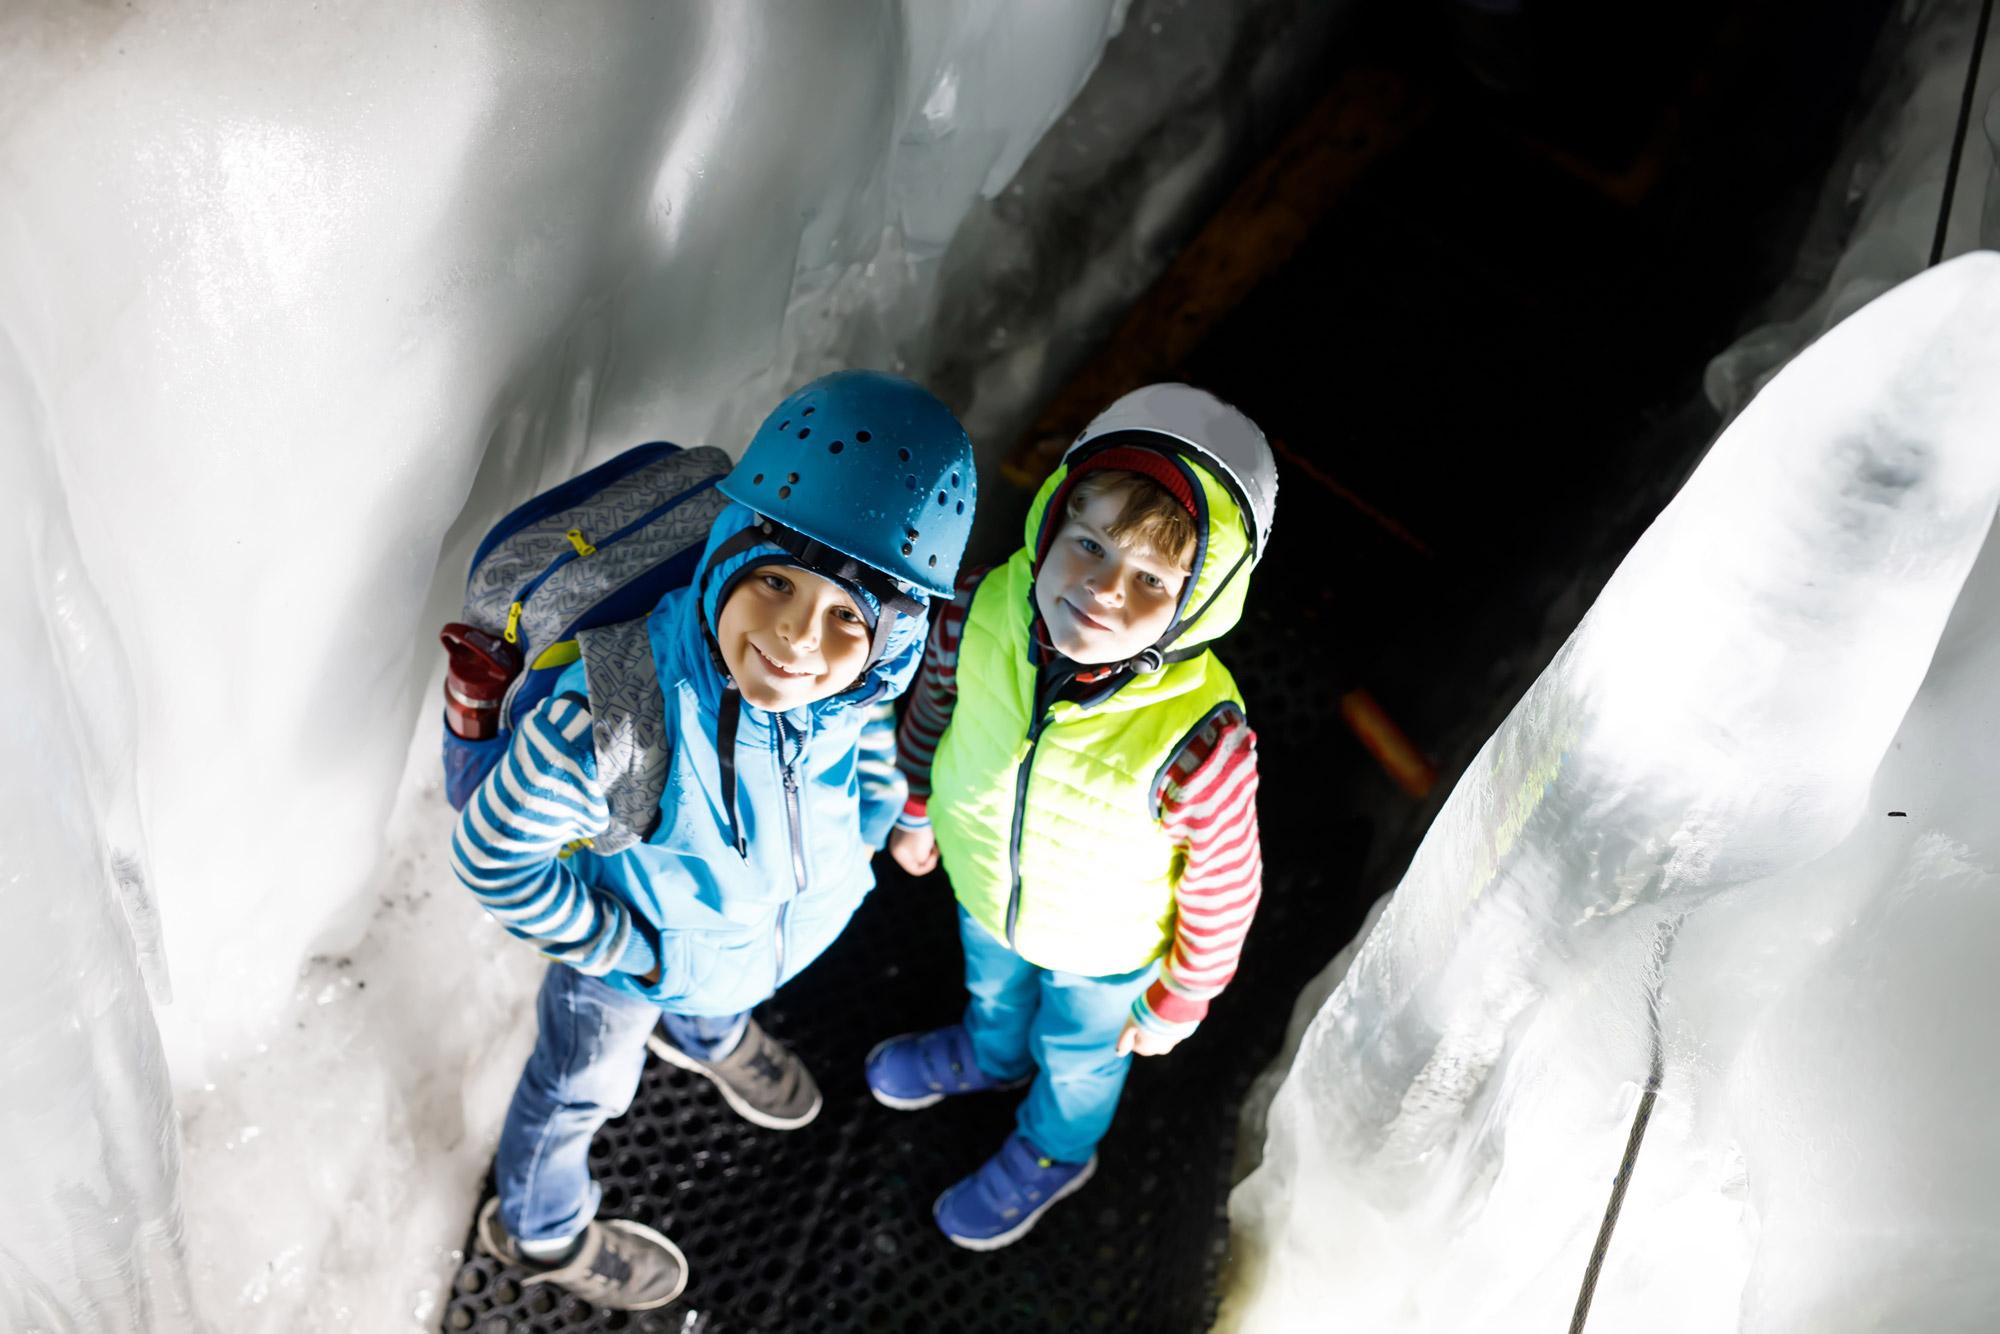 Deux jeunes enfants équipés pour faire de la randonnée en train de se balader au milieu de glaciers en Autriche.